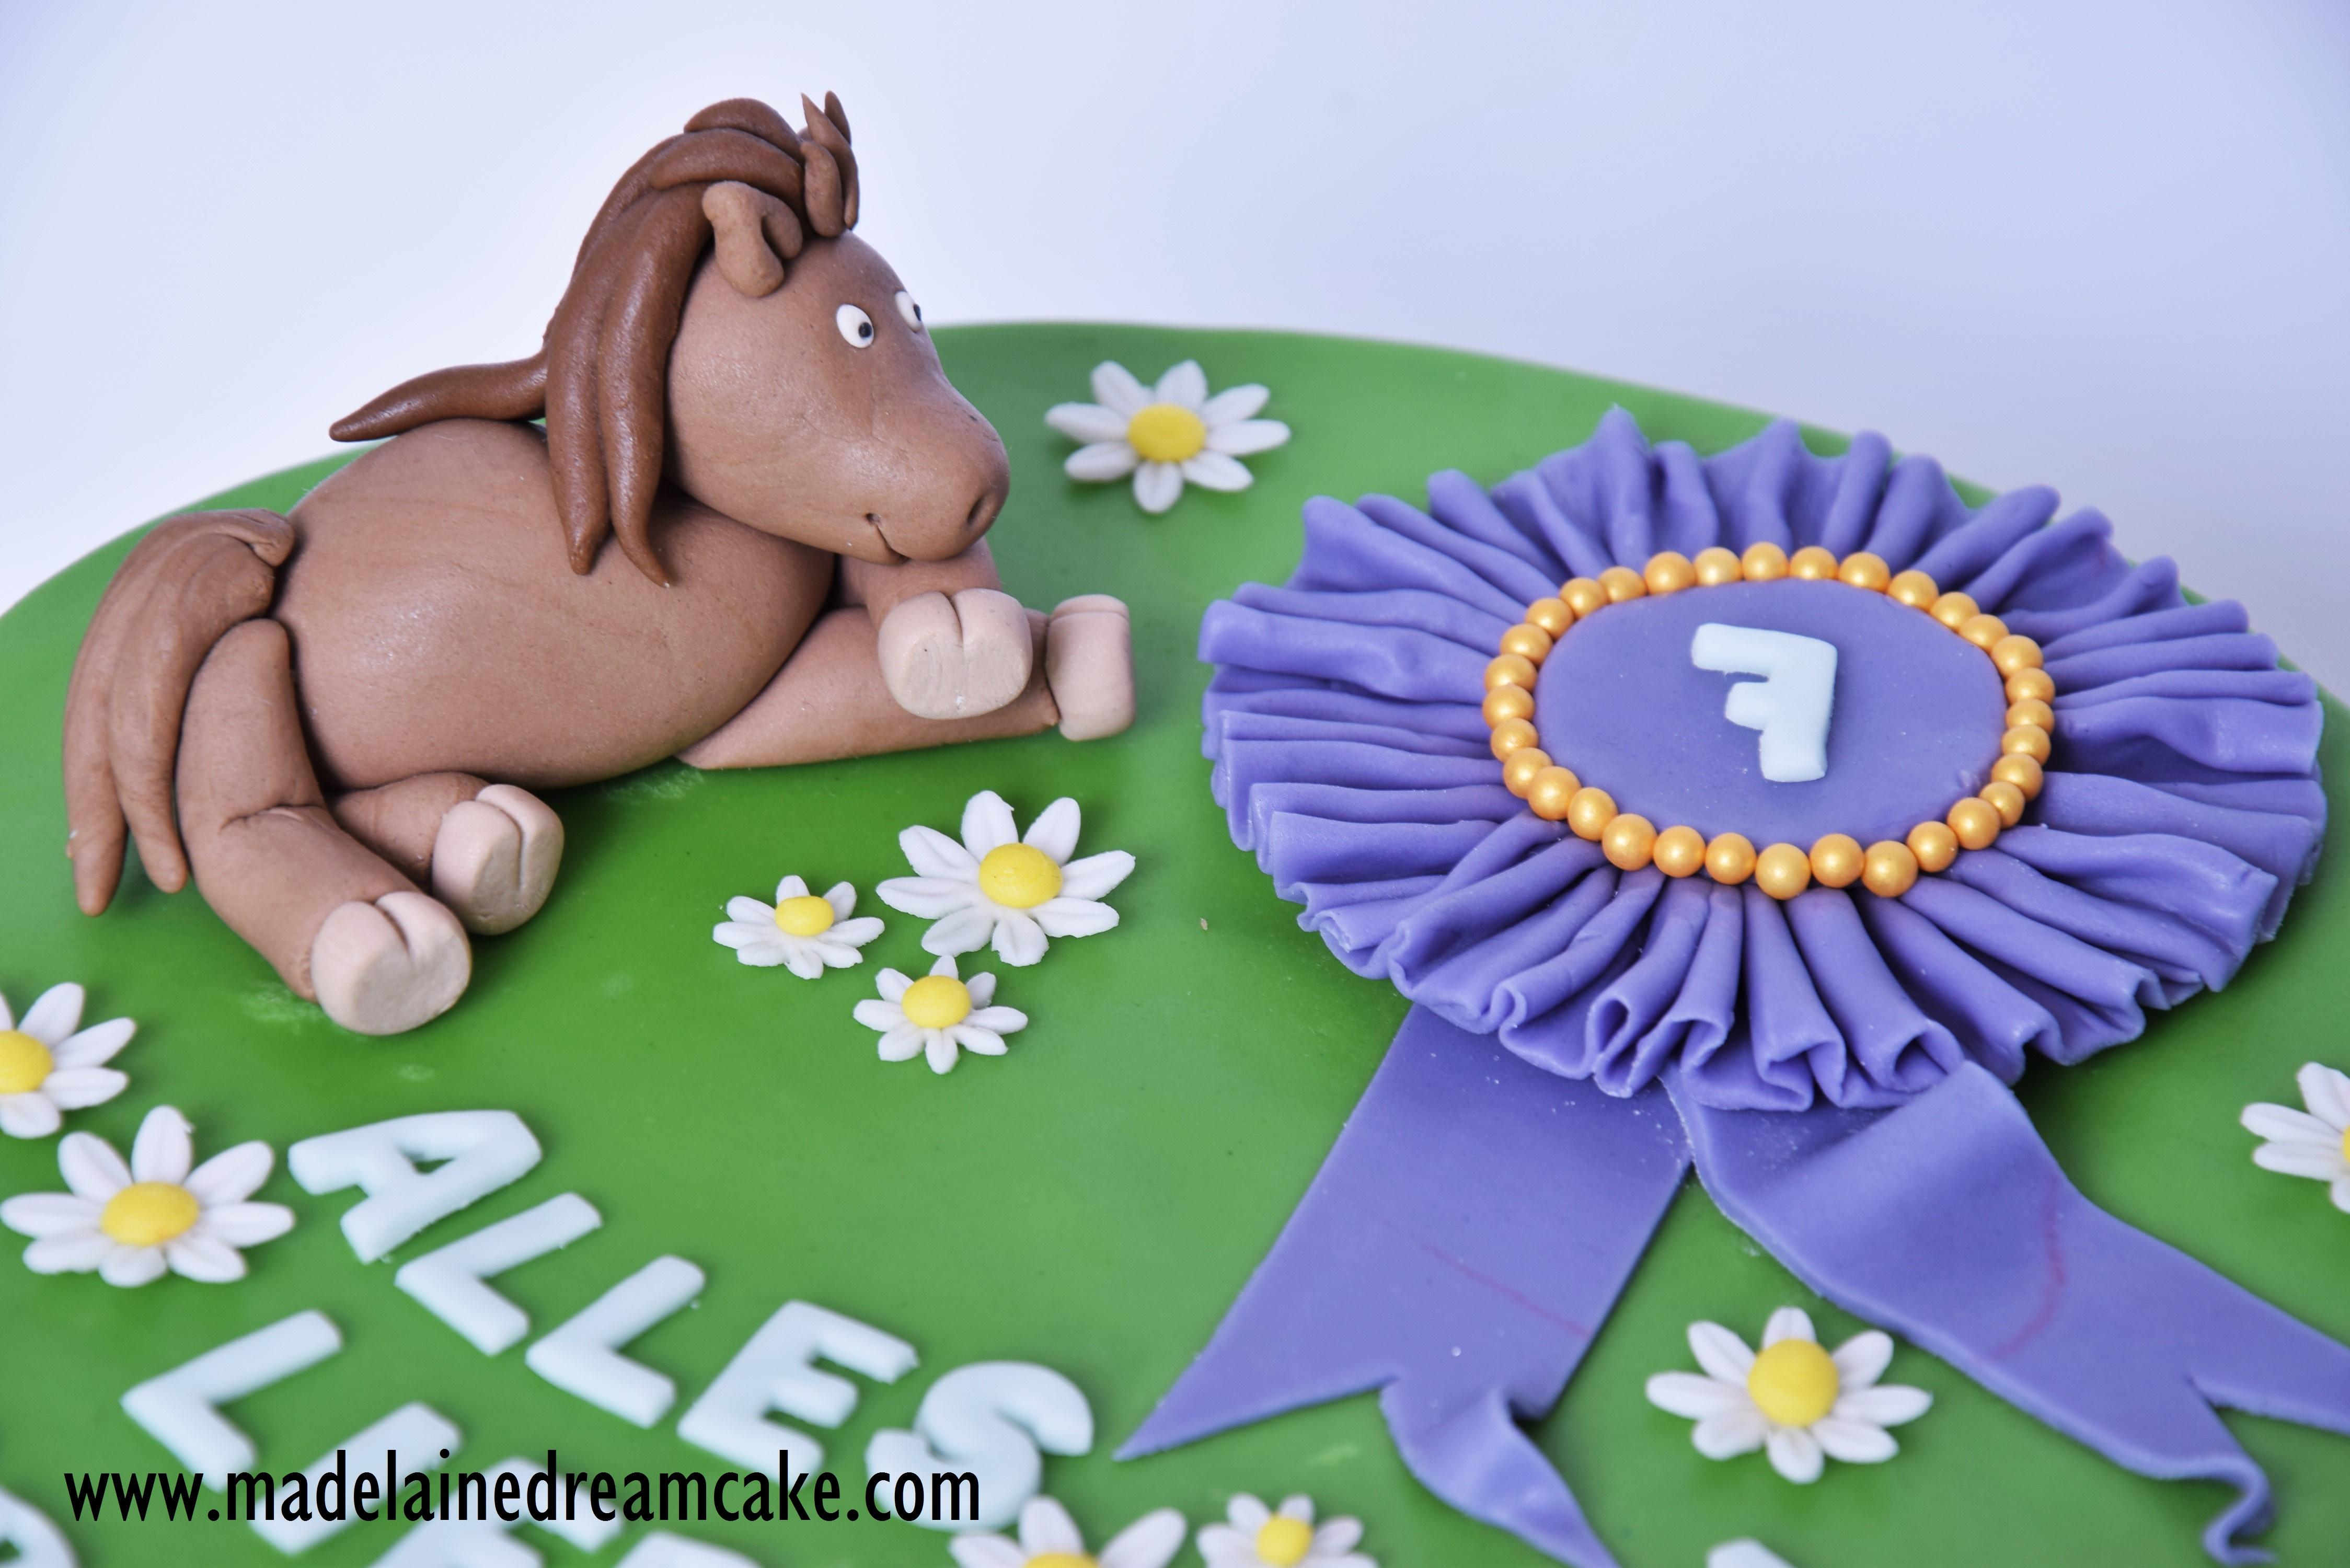 Pferde Torte Madelainedreamcake